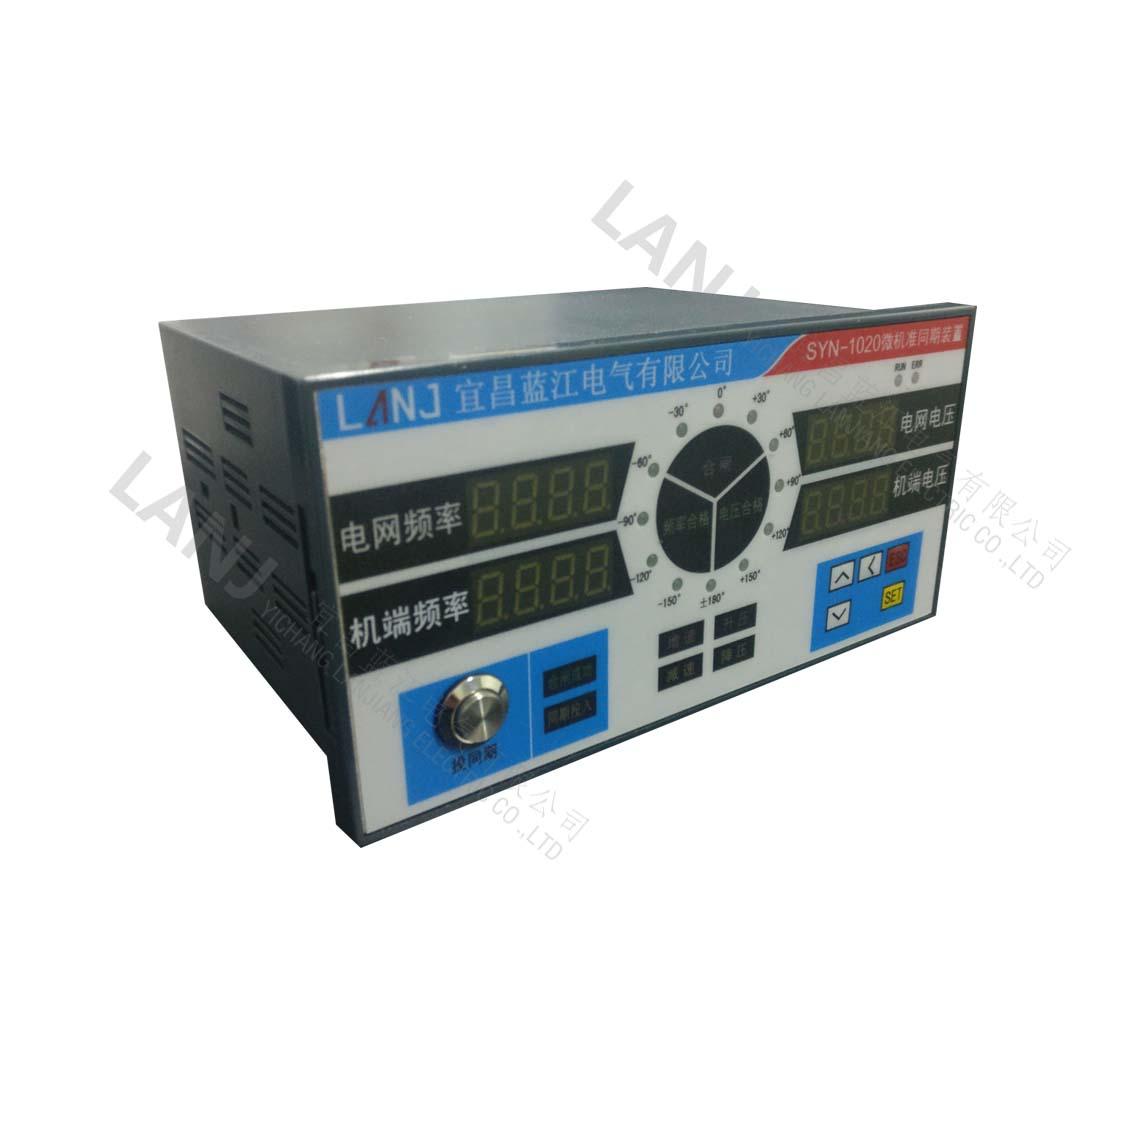 微機準同期裝置 SYN-1020